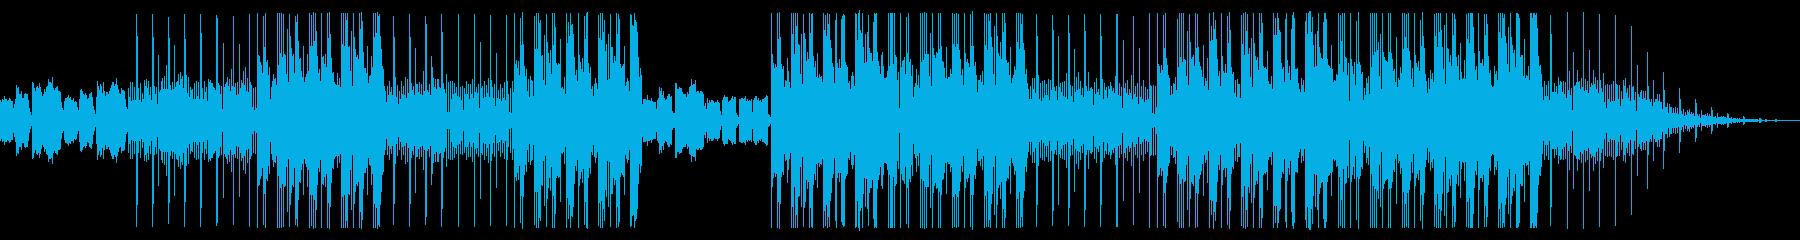 異世界で生き延びるLofiトラップビートの再生済みの波形